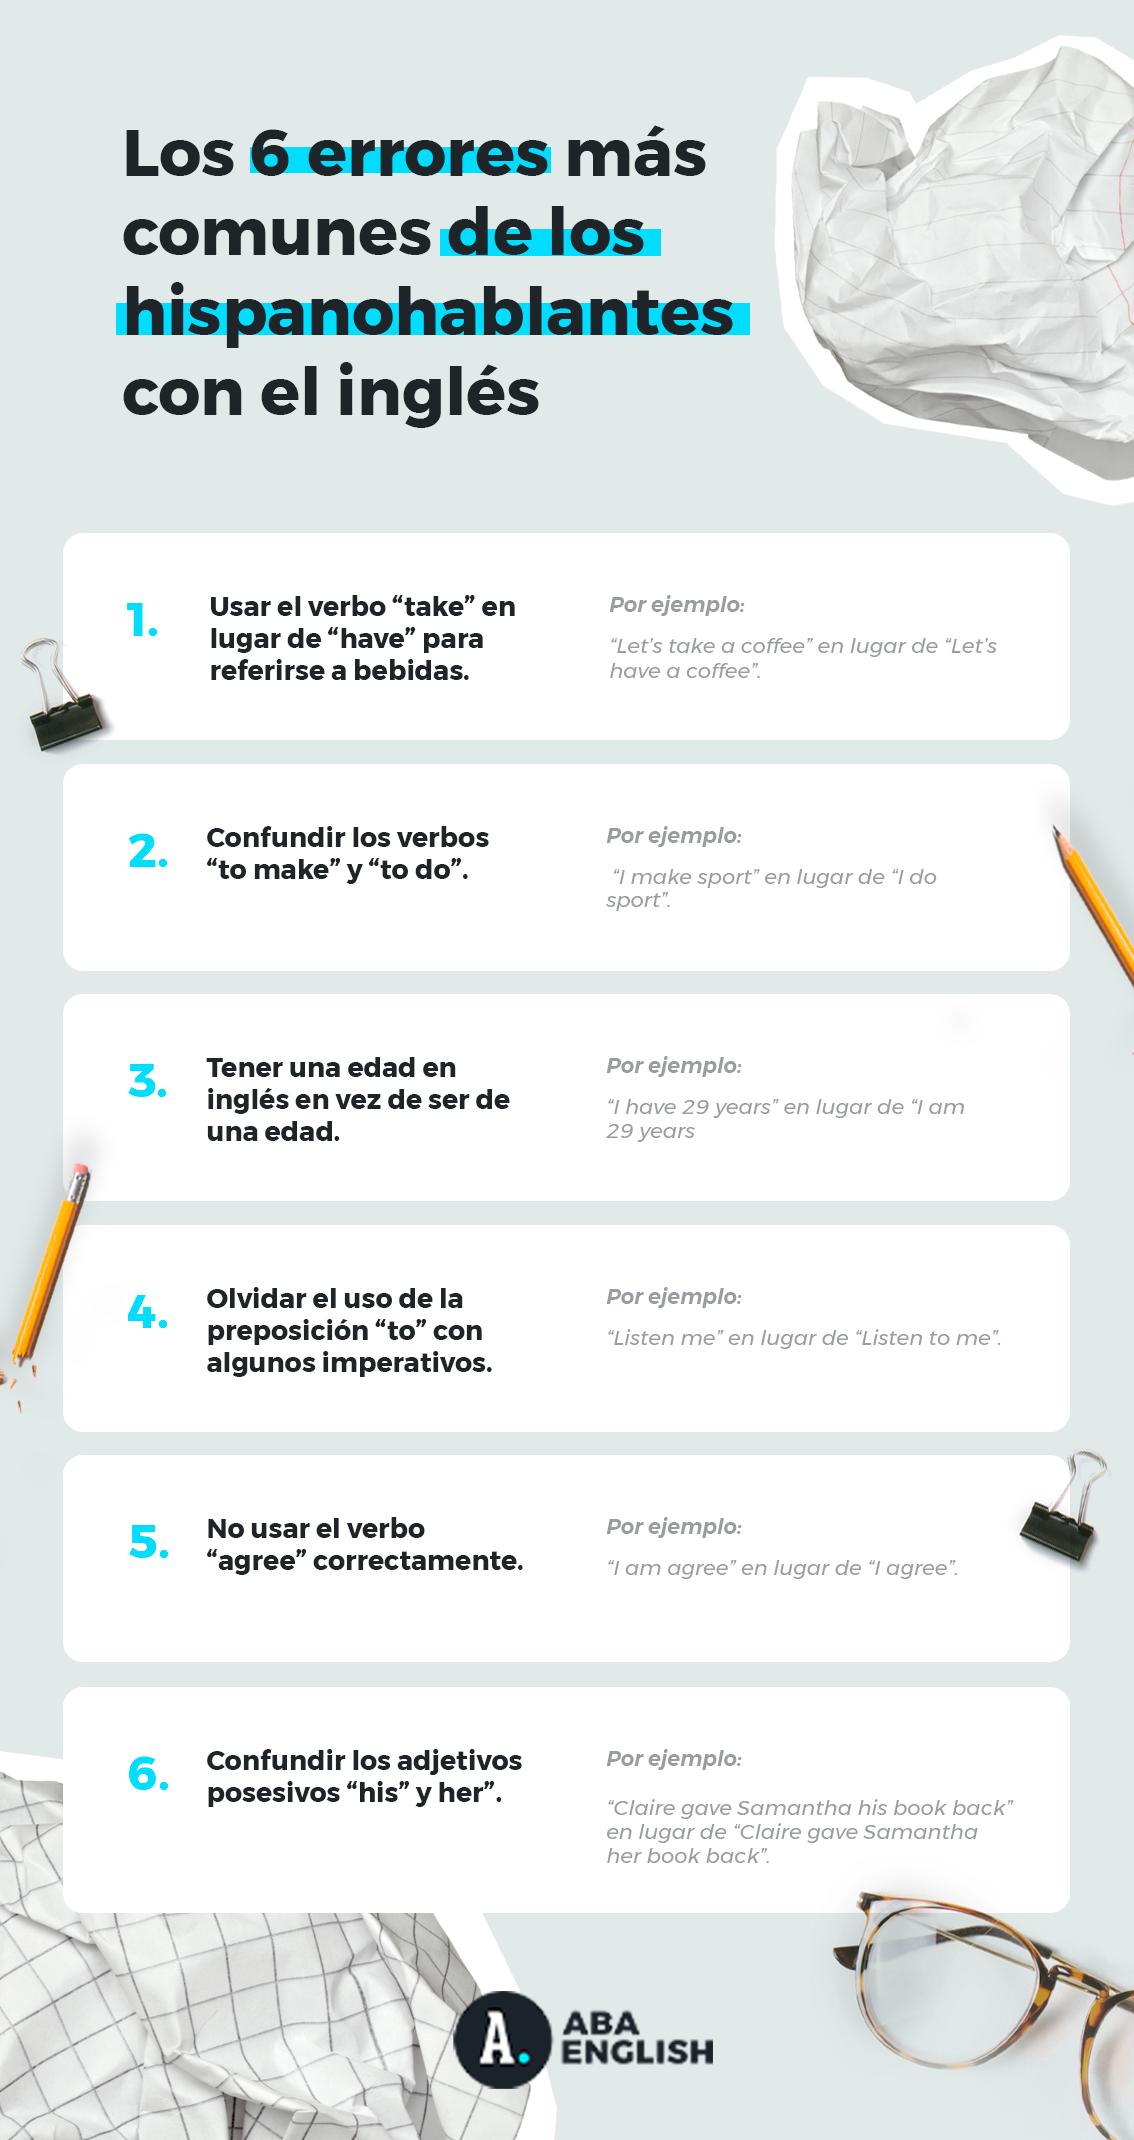 Seis errores en ingles de los hispanohablantes